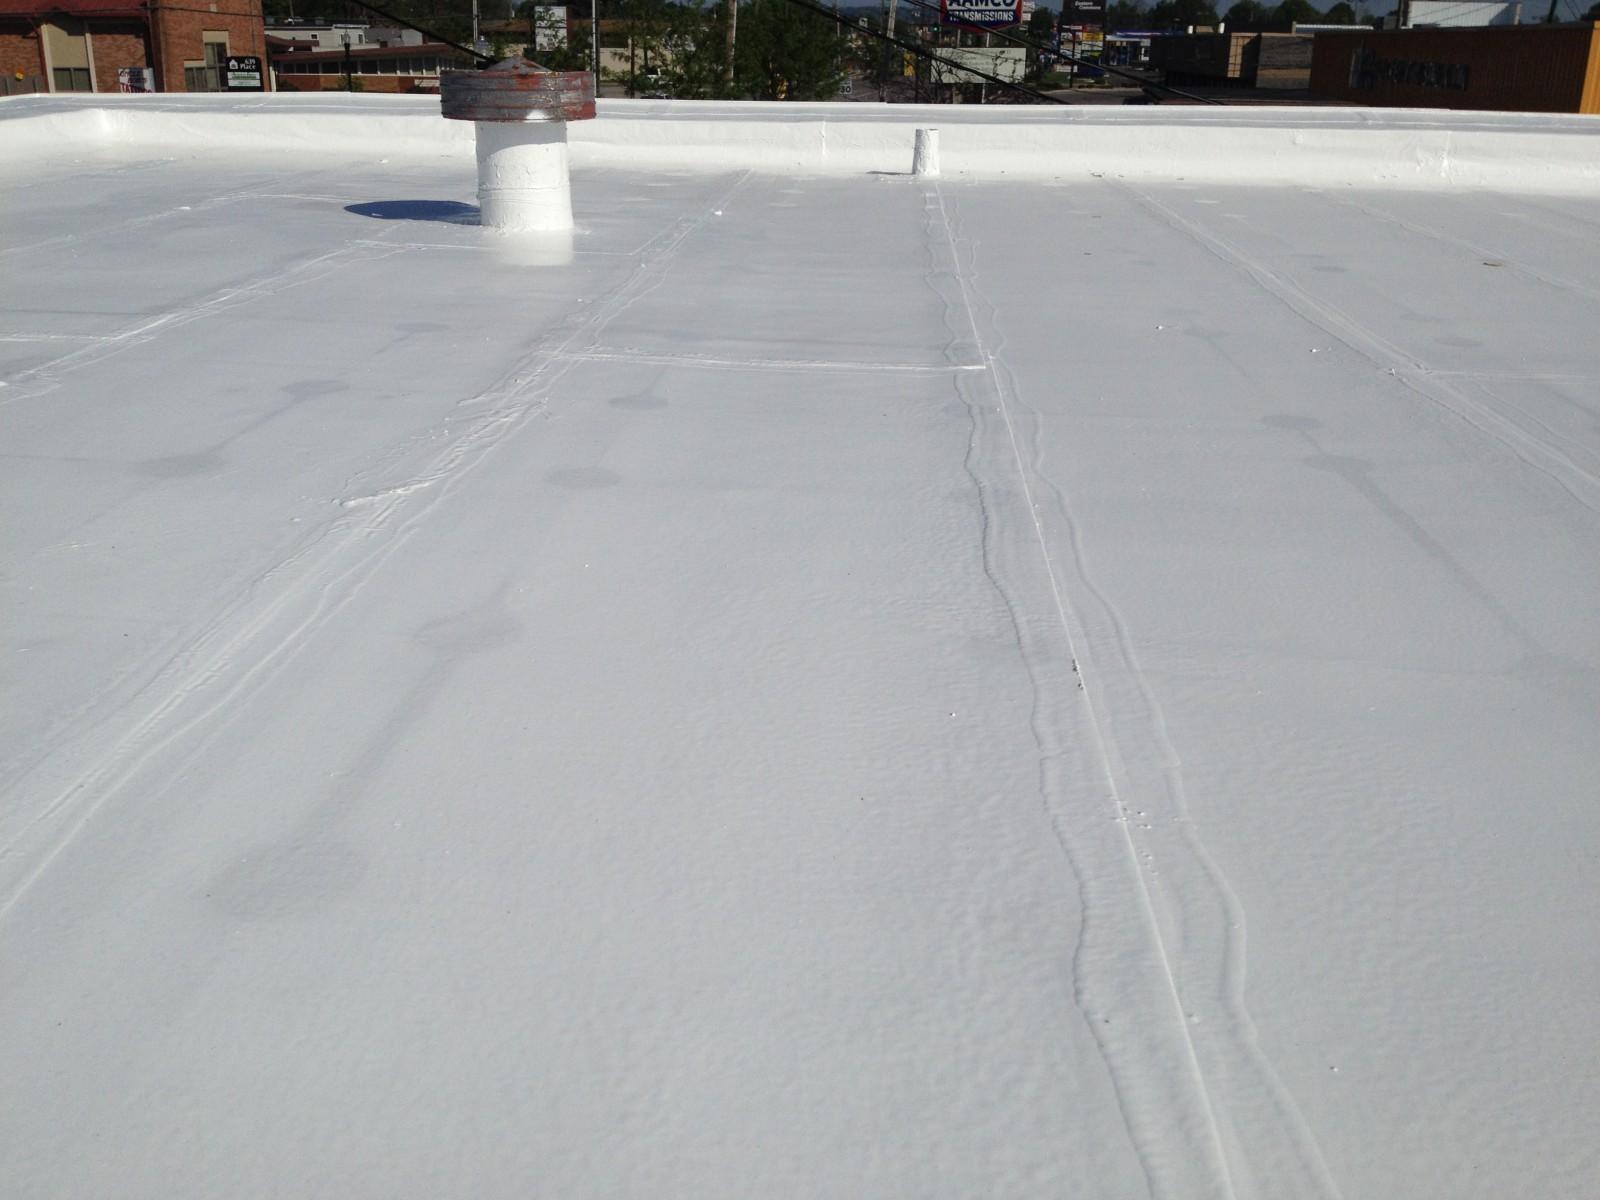 Liquid Roof Coating Cost Plus Pros Amp Cons 2020 Home